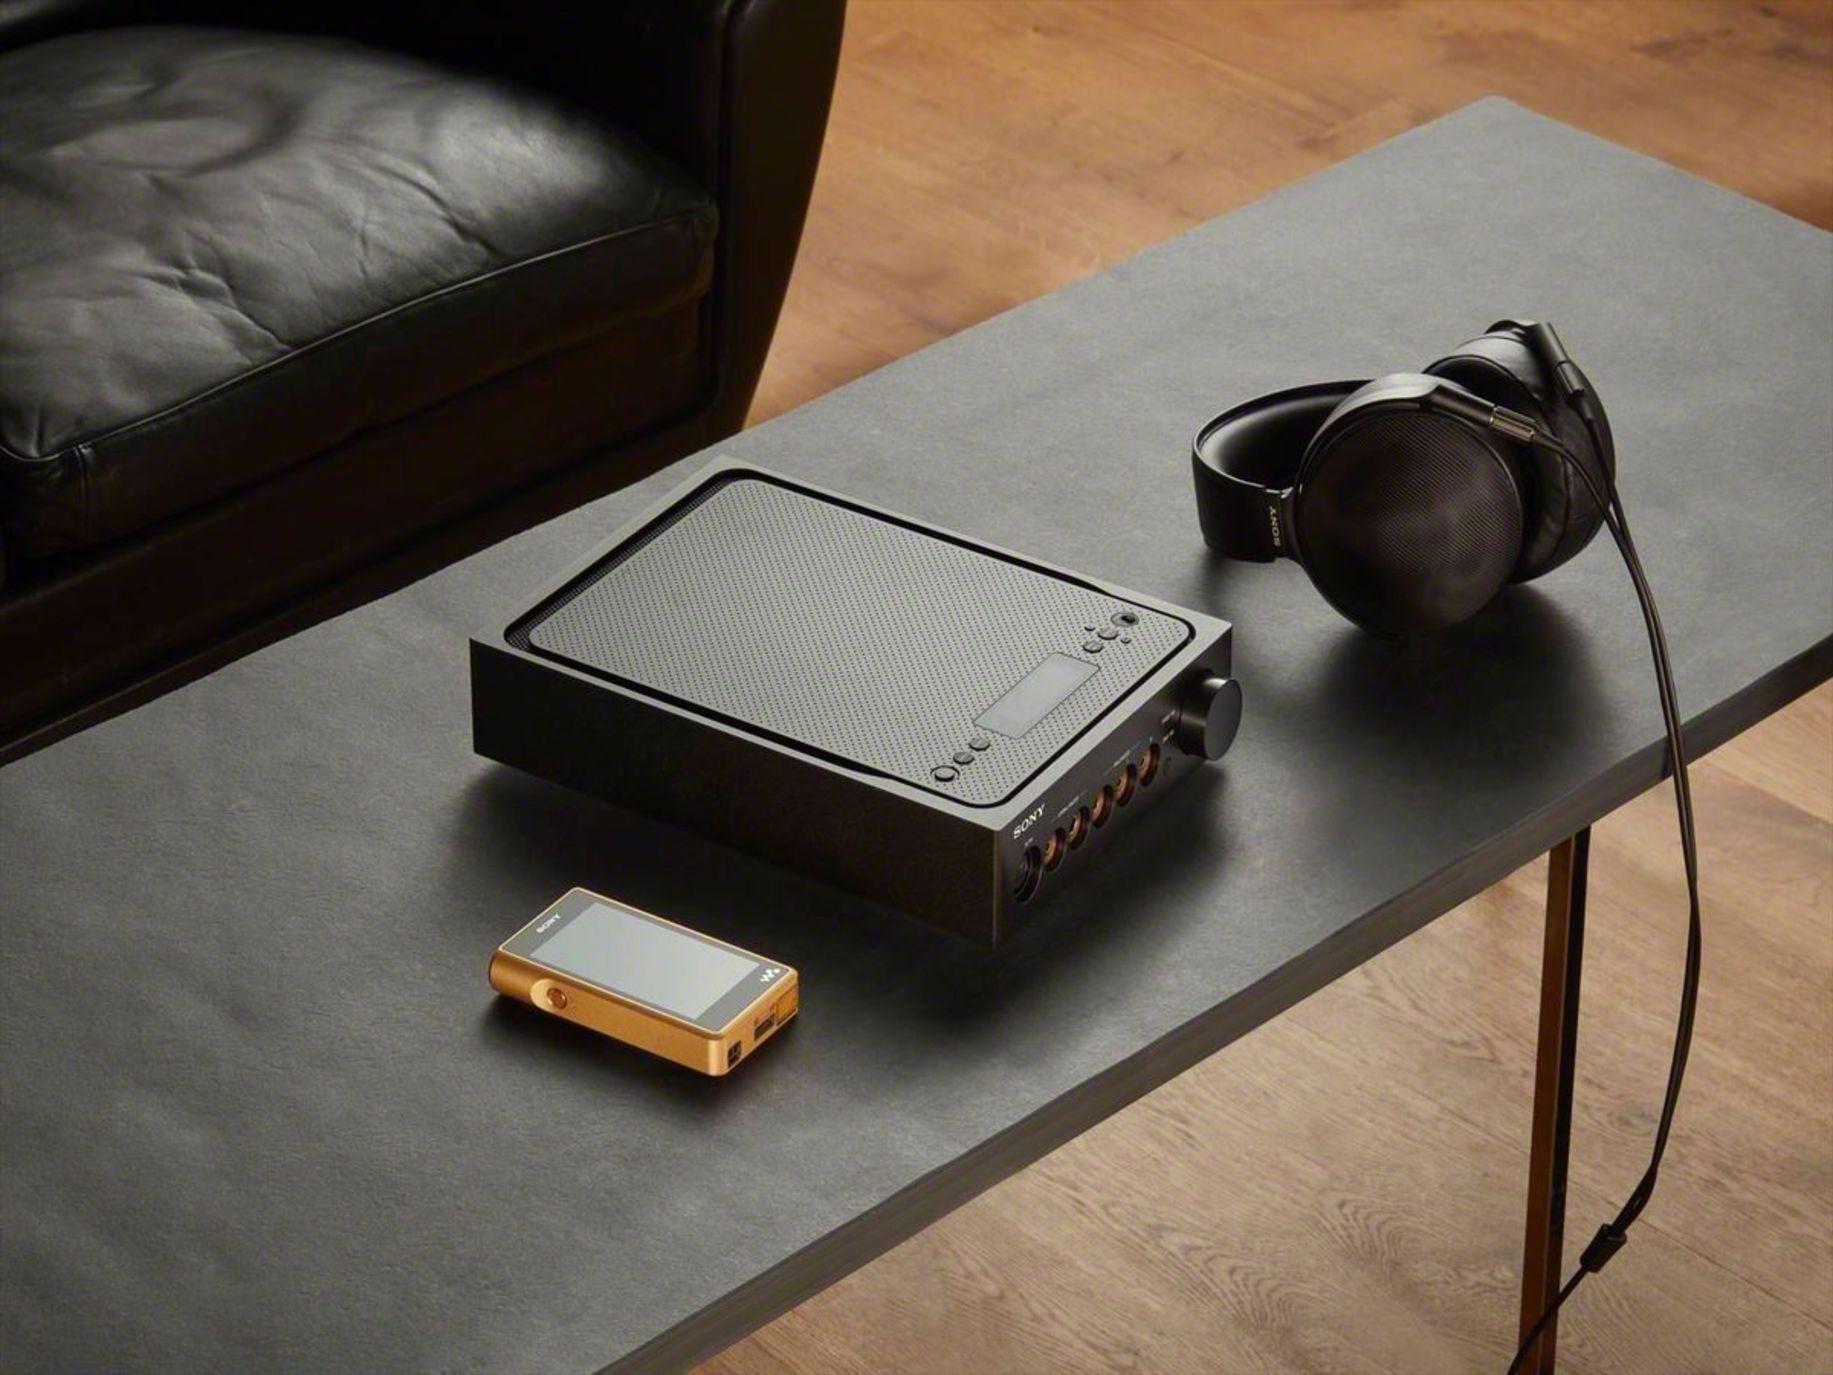 Den Walkman kann man auch mobil benutzen – ohne den Verstärker. Für Zuhause empfiehlt Sony jedoch den Verstärker zur Verbesserung des Hörgenusses.